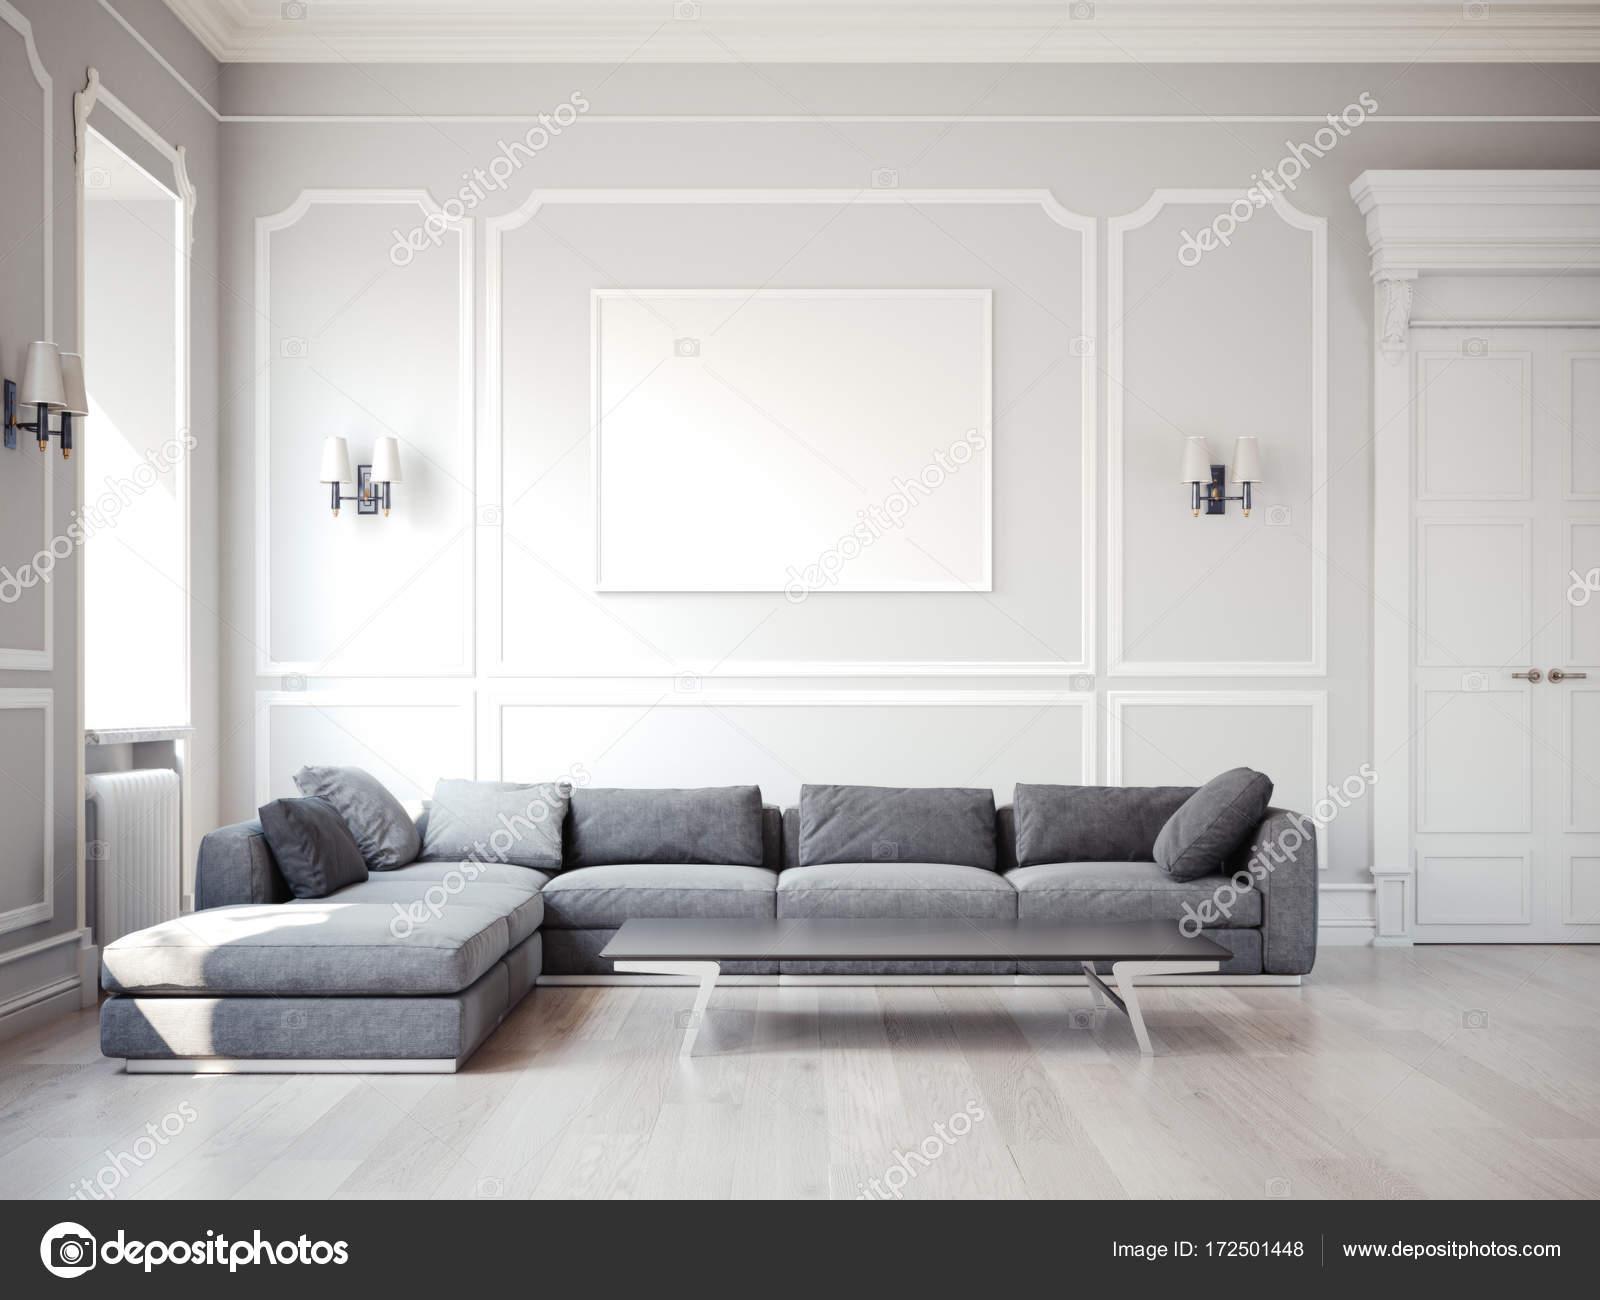 https://st3.depositphotos.com/1765561/17250/i/1600/depositphotos_172501448-stockafbeelding-klassiek-interieur-met-grote-grijze.jpg